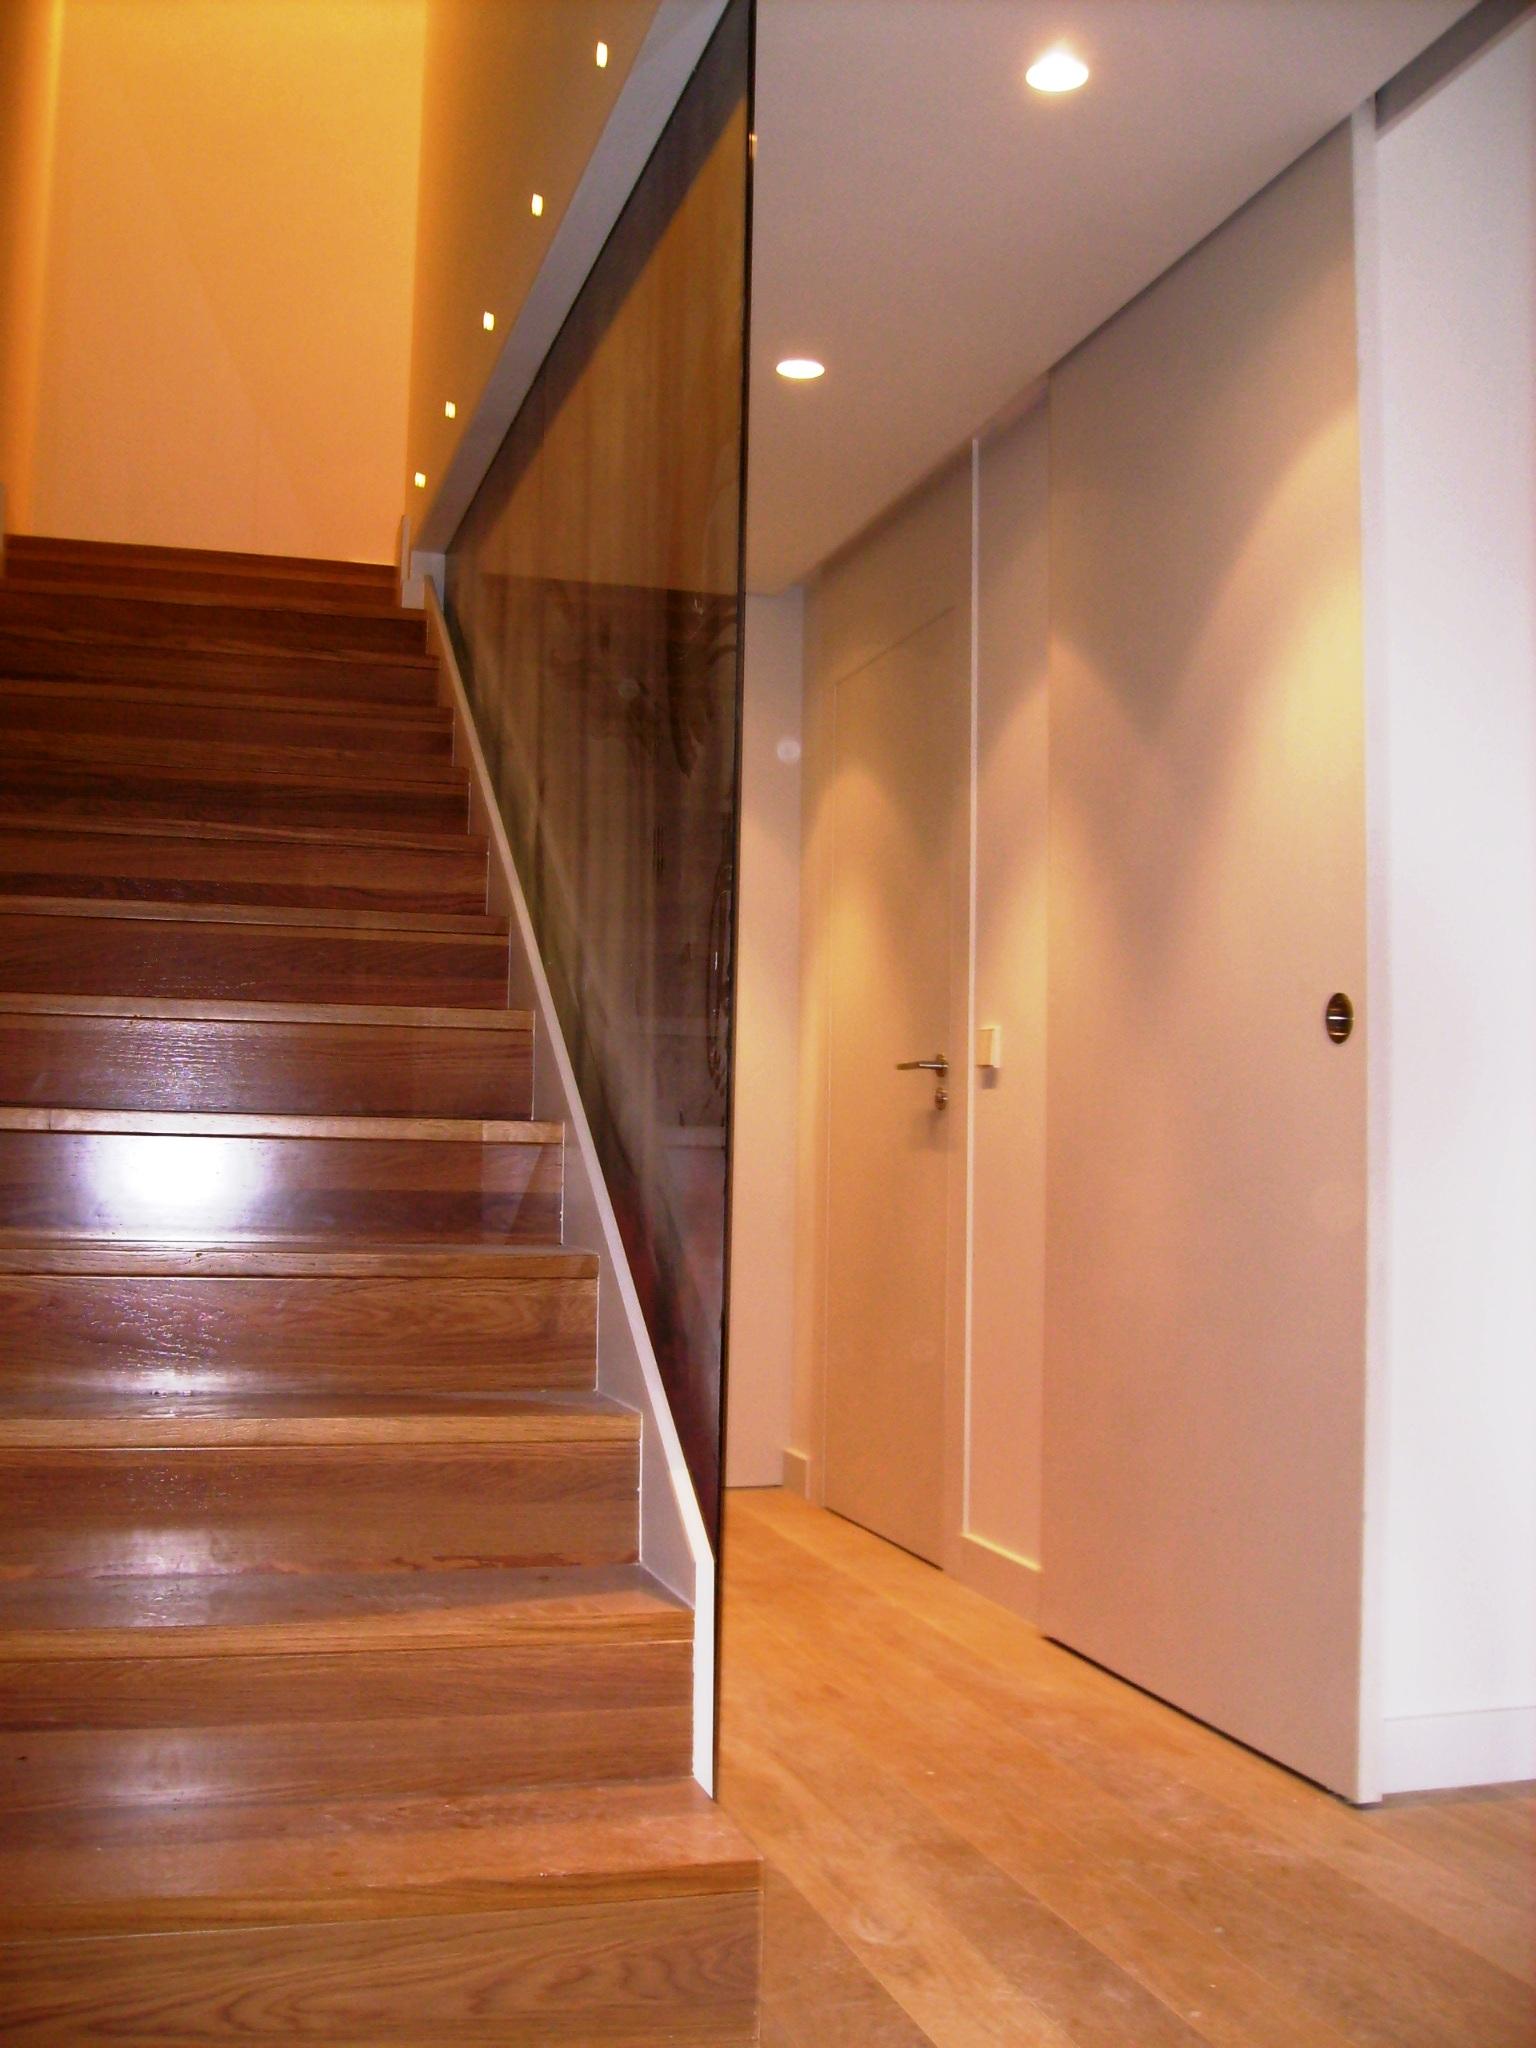 Vg3dikea reforma de viviendas reforma de vivienda - Reformas de escaleras ...